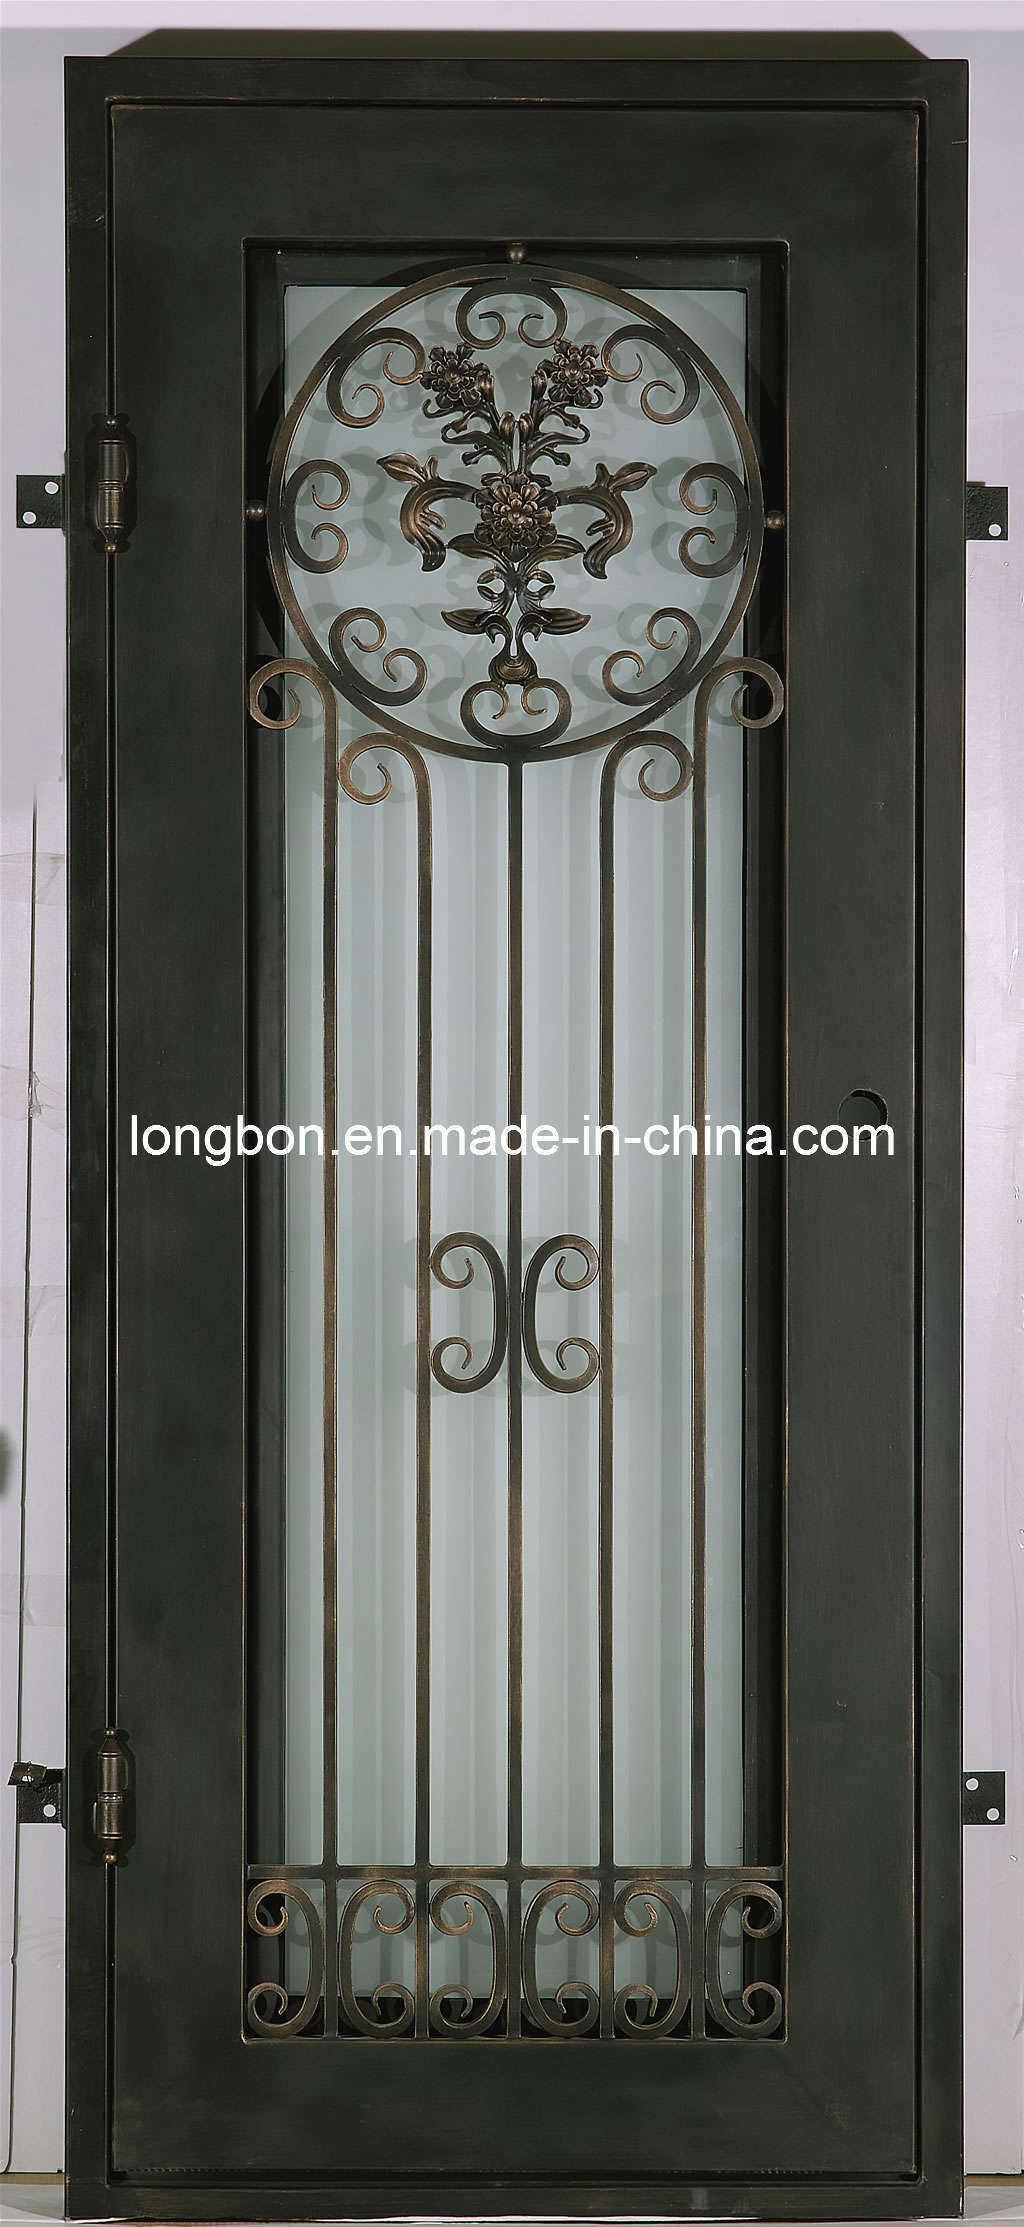 Puerta de entrada moderna del hierro labrado 2012 lb i d for Modelos de puertas de fierro modernas